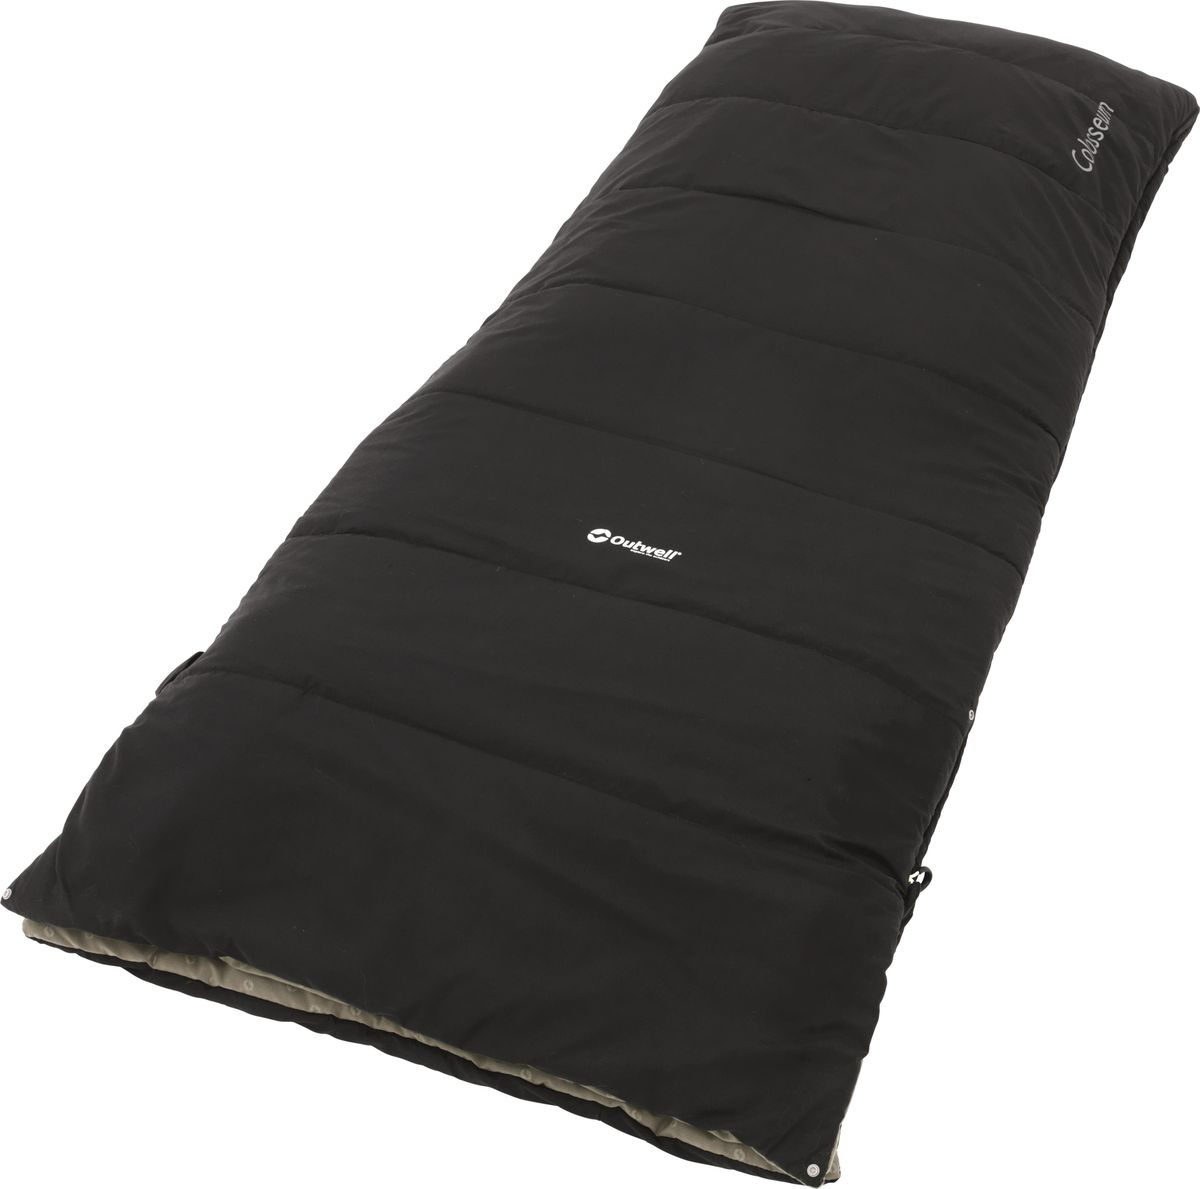 Спальный мешок Outwell Colosseum, цвет: черный, 200 x 80 см230180Спальный мешок Outwell Colosseum имеет молнии с двух сторон. Одна молния на всю длину спальника, вторая до половины. В каждом спальном мешке используется двойной слой термоизоляции Isofill, предусмотрен внутренний карман, возможность раскрывания в одеяло и петли для крепления вкладыша.Особенности:Защита молнии для тепла на полную длину.Два мешка можно состегнуть в один двухместный.Угловые петли крепления вкладыша.Упаковочный мешок.Расстегнуть и использовать как одеяло.